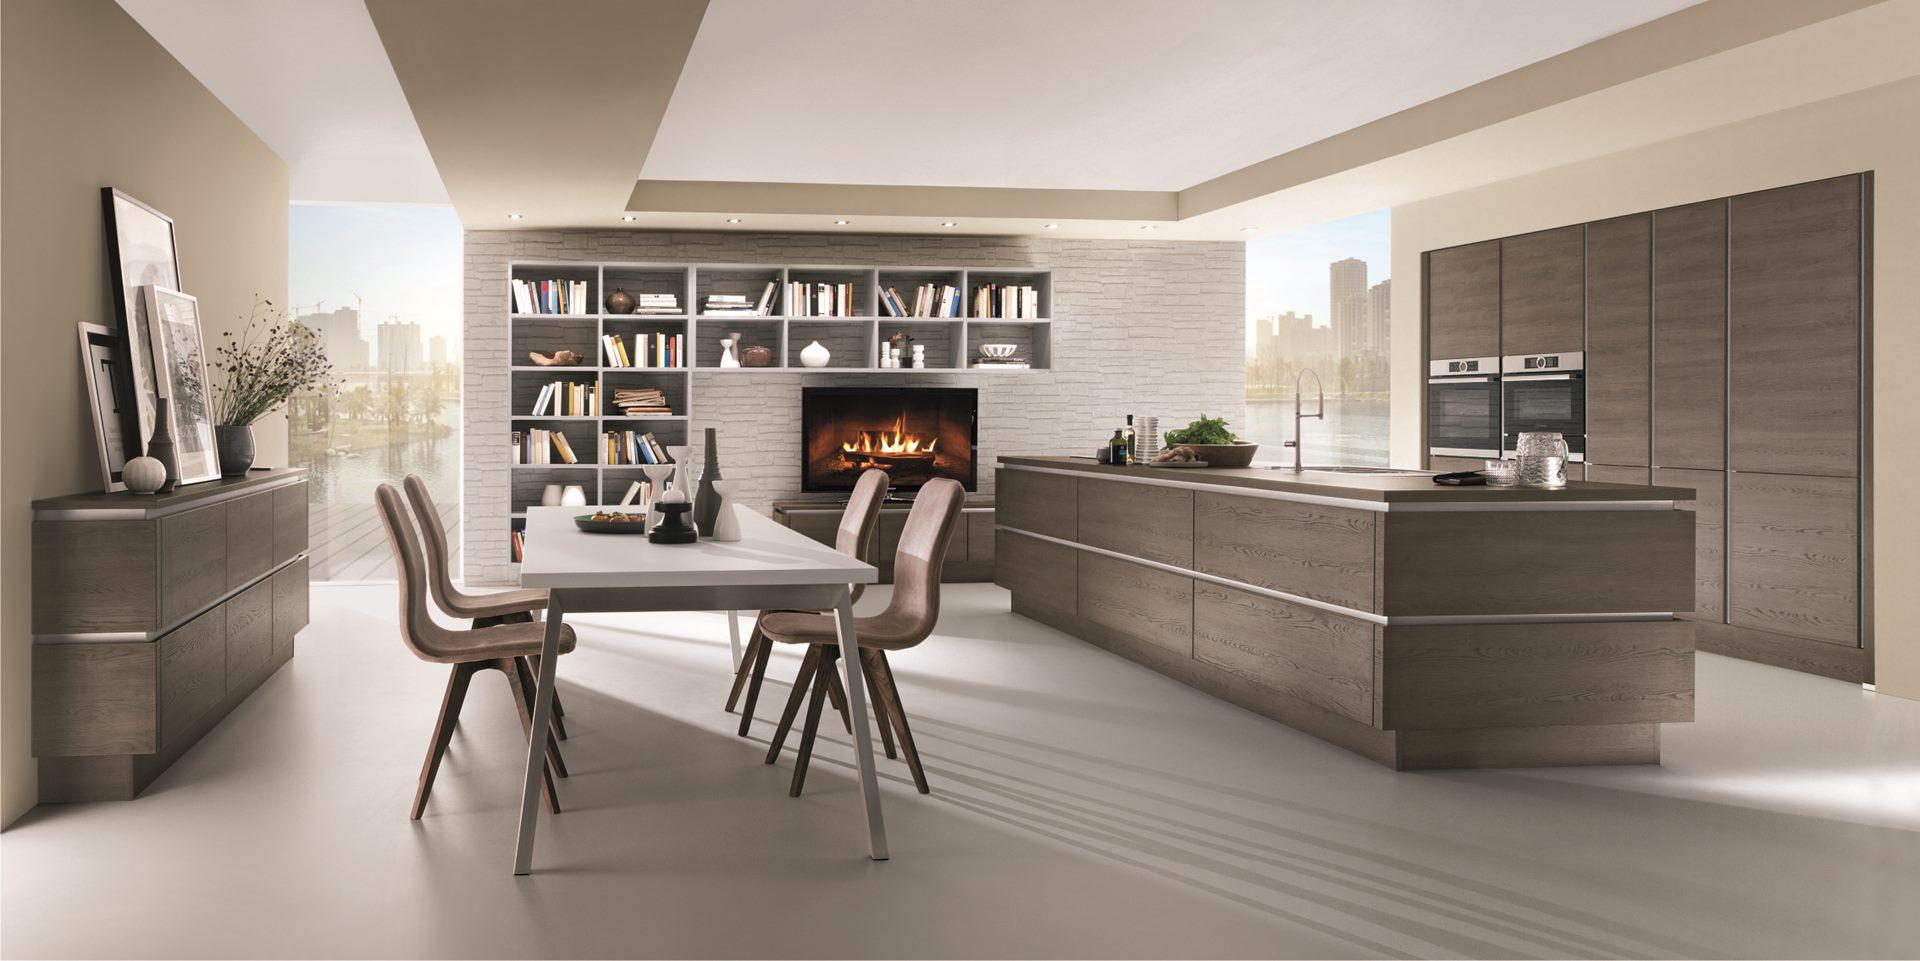 Kemmler küchen möbel einrichtungen  : moderne küchen